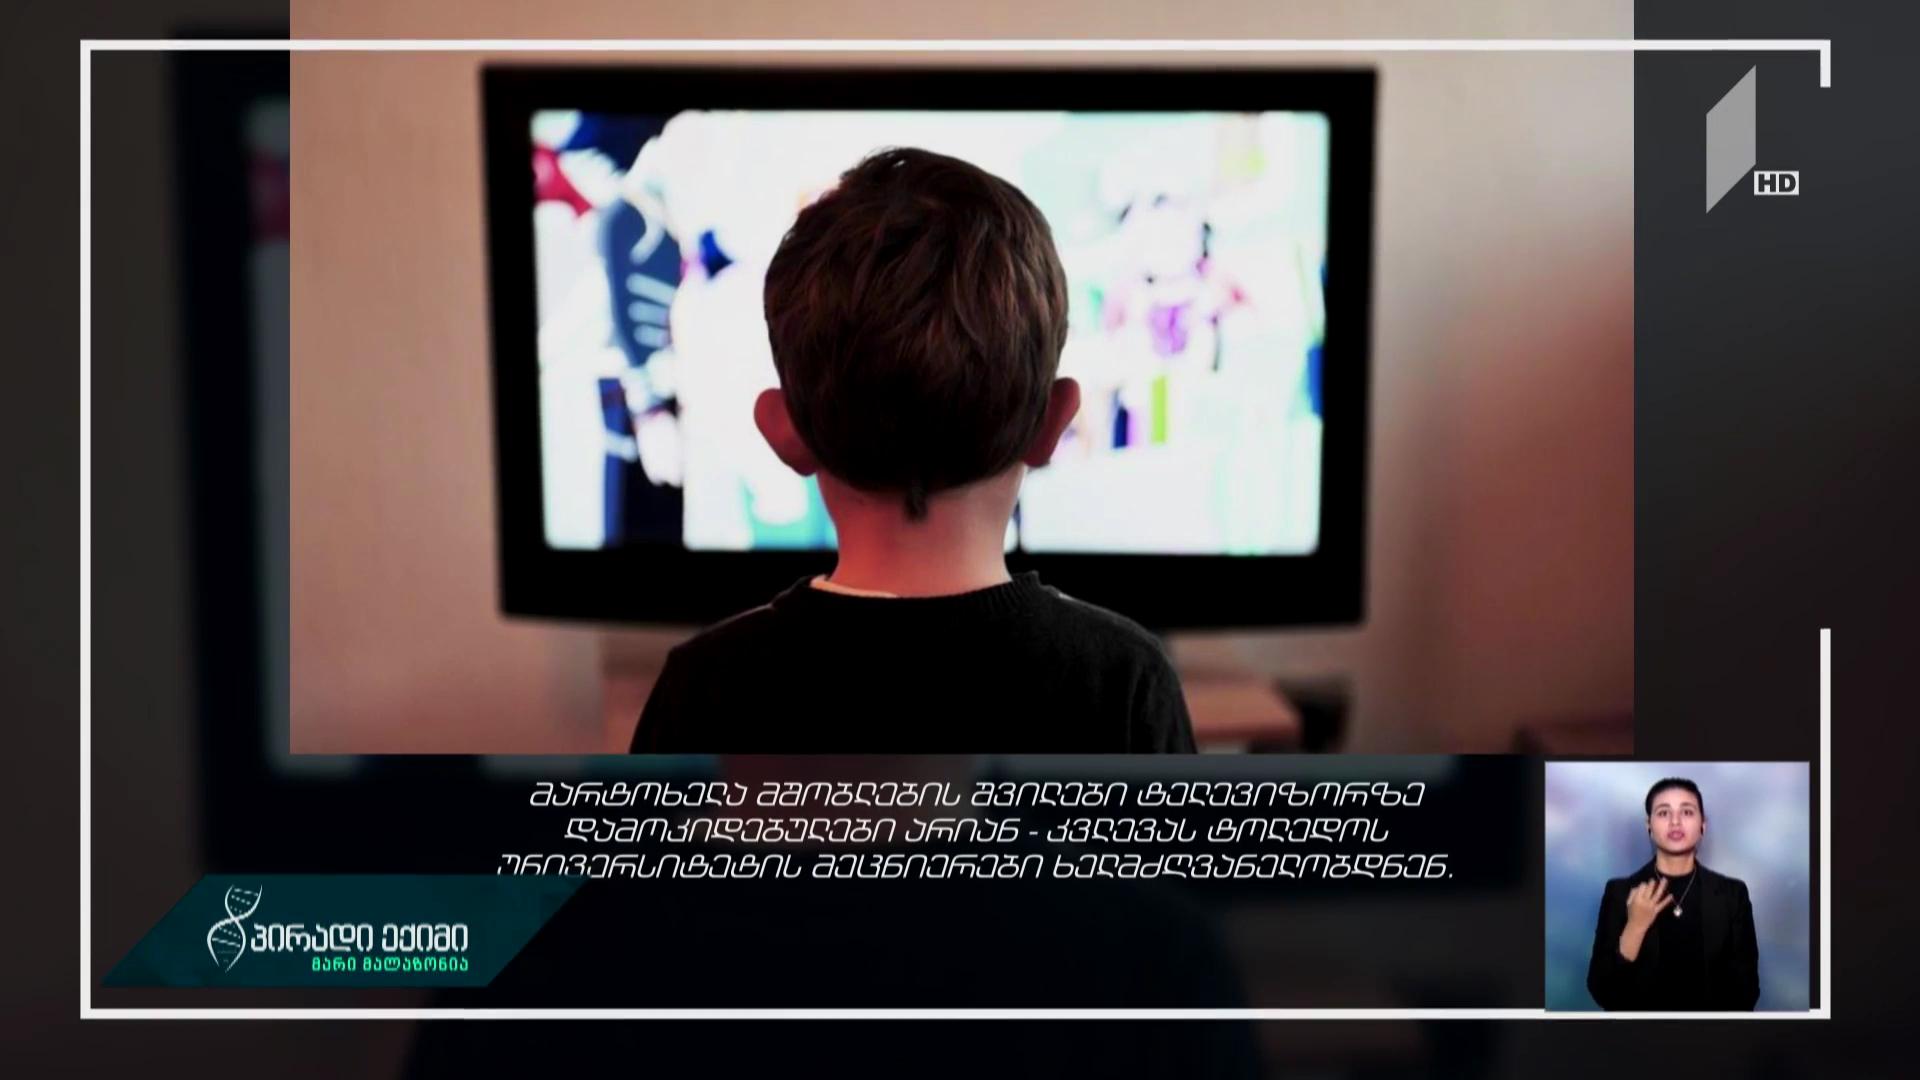 კვლევა: მარტოხელა მშობლების შვილების დამოკიდებულება ტექნოლოგიებზე